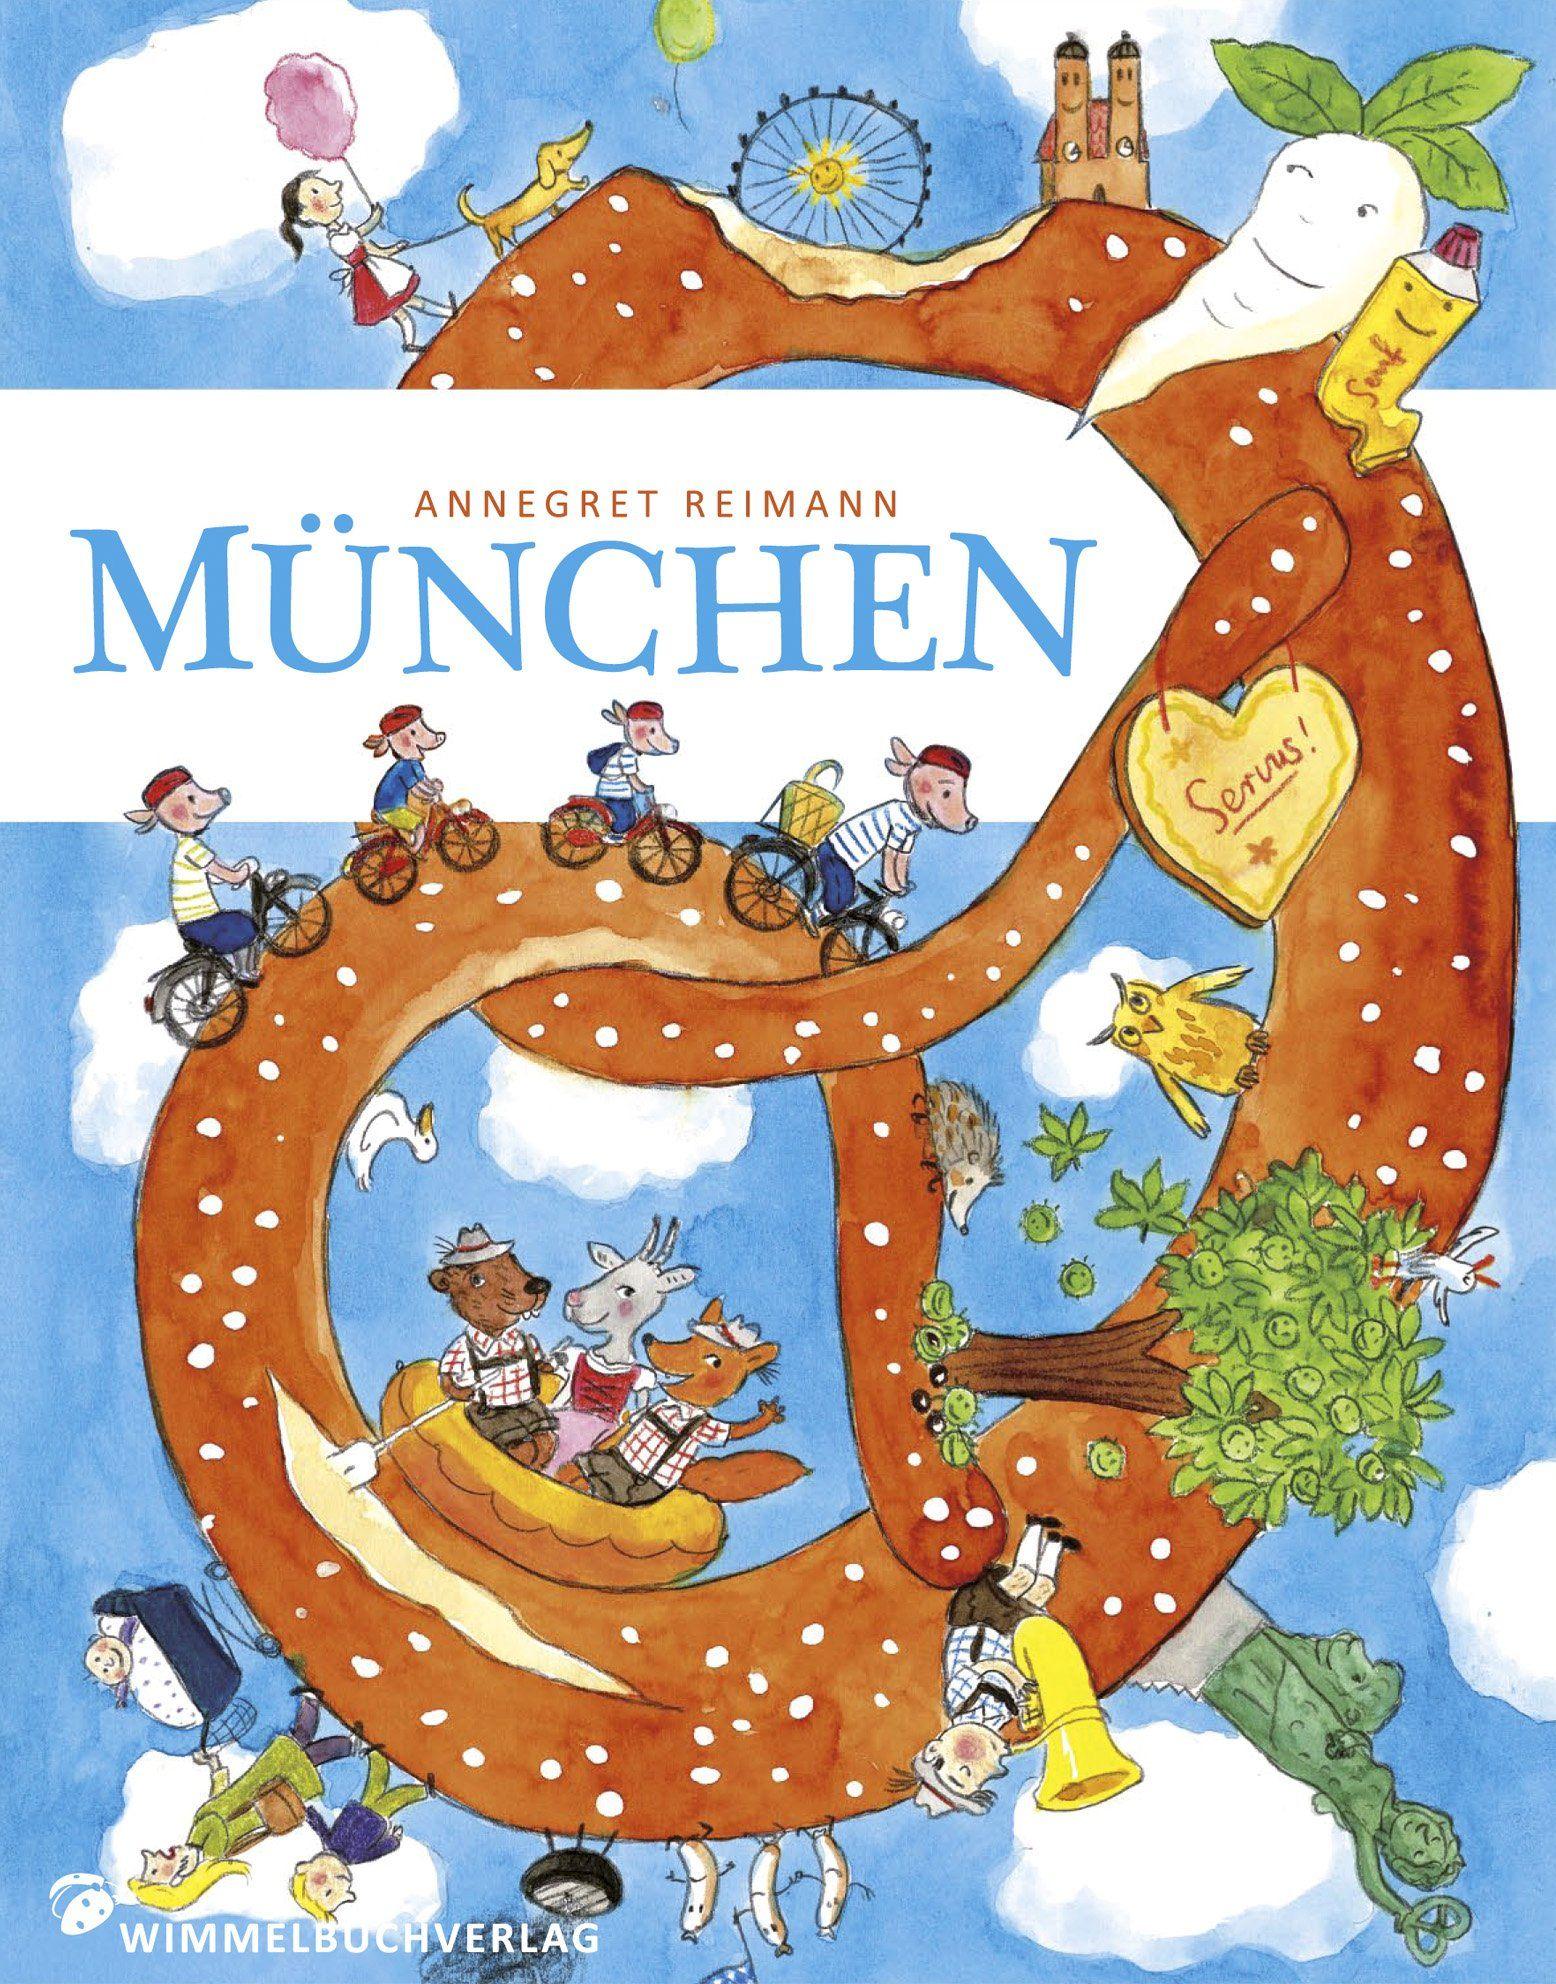 München Wimmelbuch: Amazon.de: Annegret Reimann: Bücher